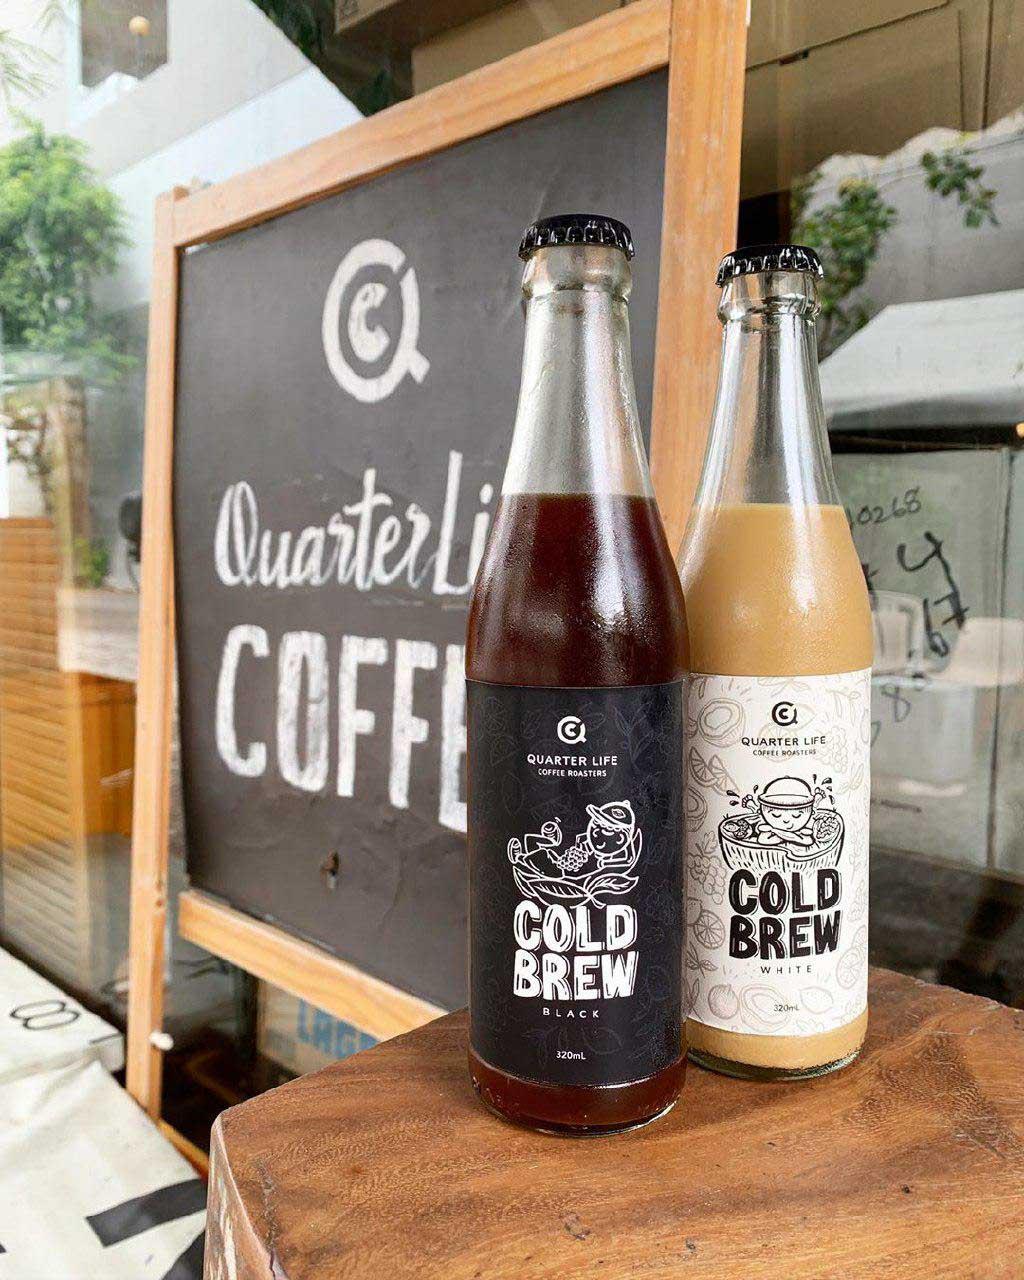 Coffee Cafes Singapore - Quarter Life Coffee